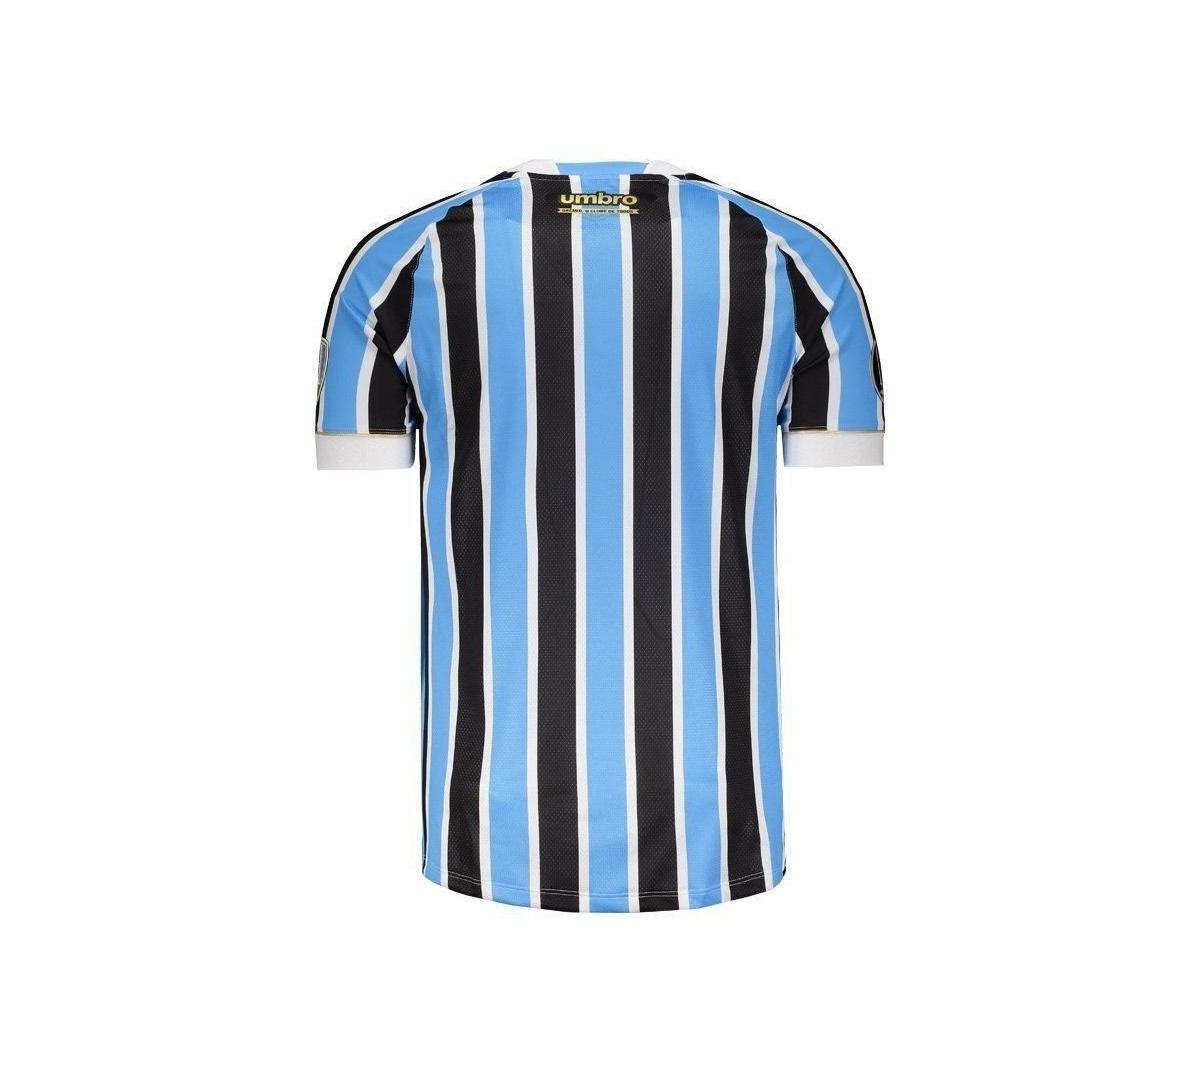 Camisa Umbro Grêmio I 2018 19 Of. Game - Mundo do Futebol 953308f1a50ee